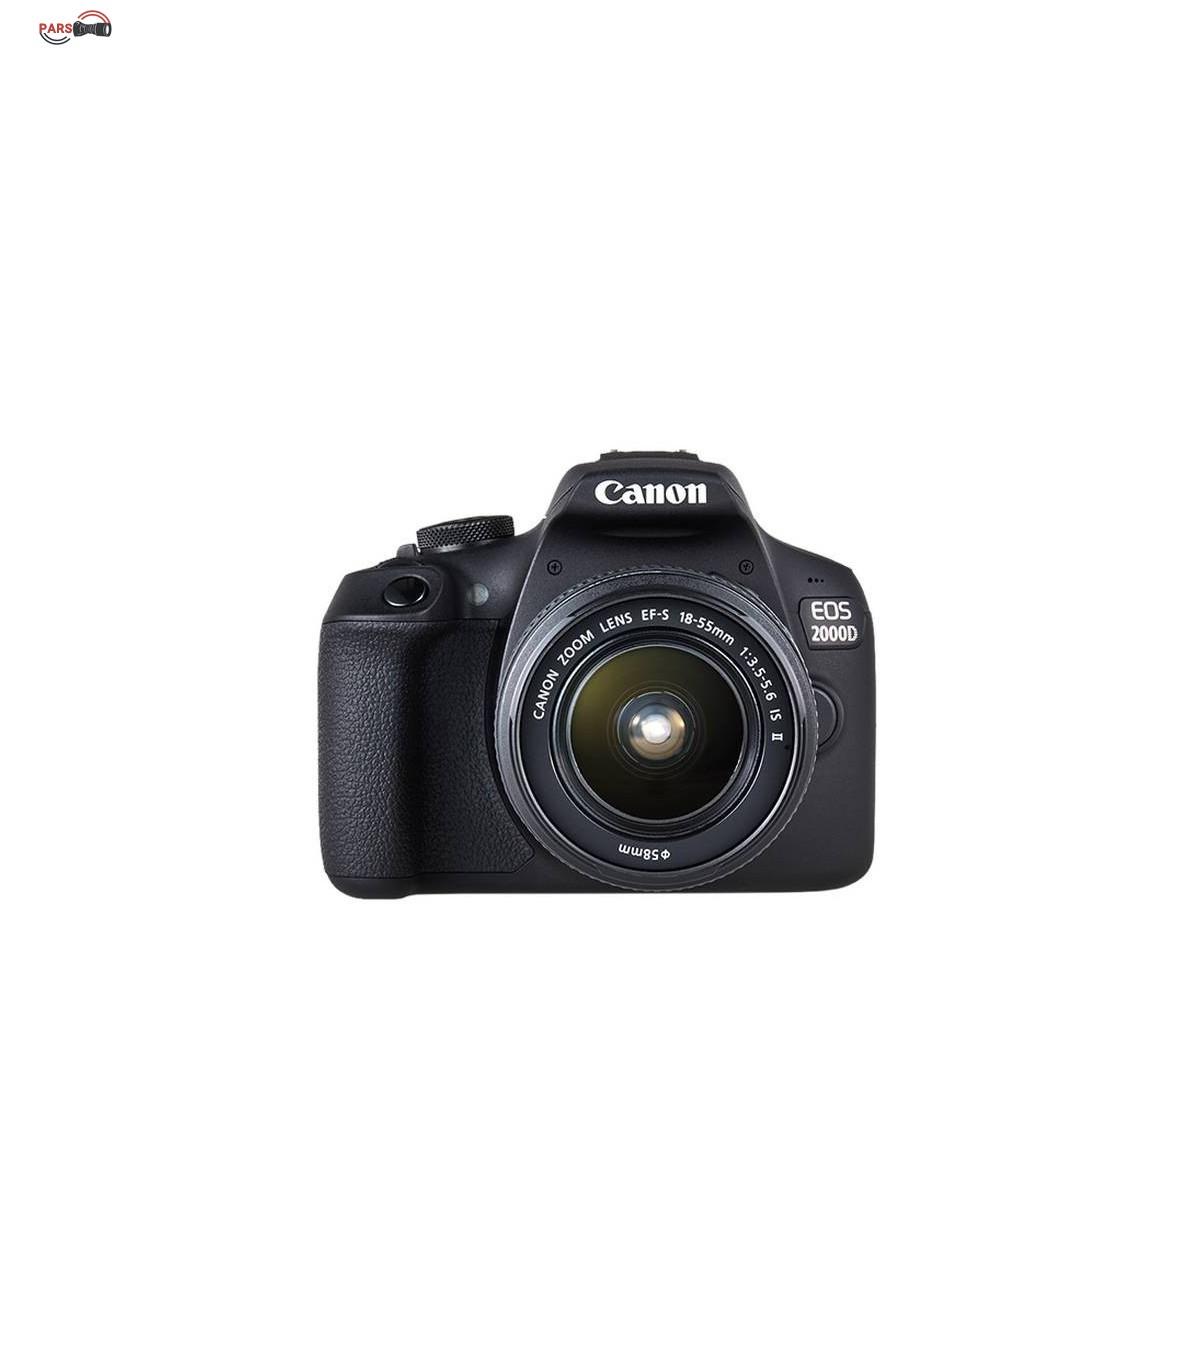 دوربین عکاسی کانن مدل EOS 2000D به همراه لنز 18-55 میلی متر IS II